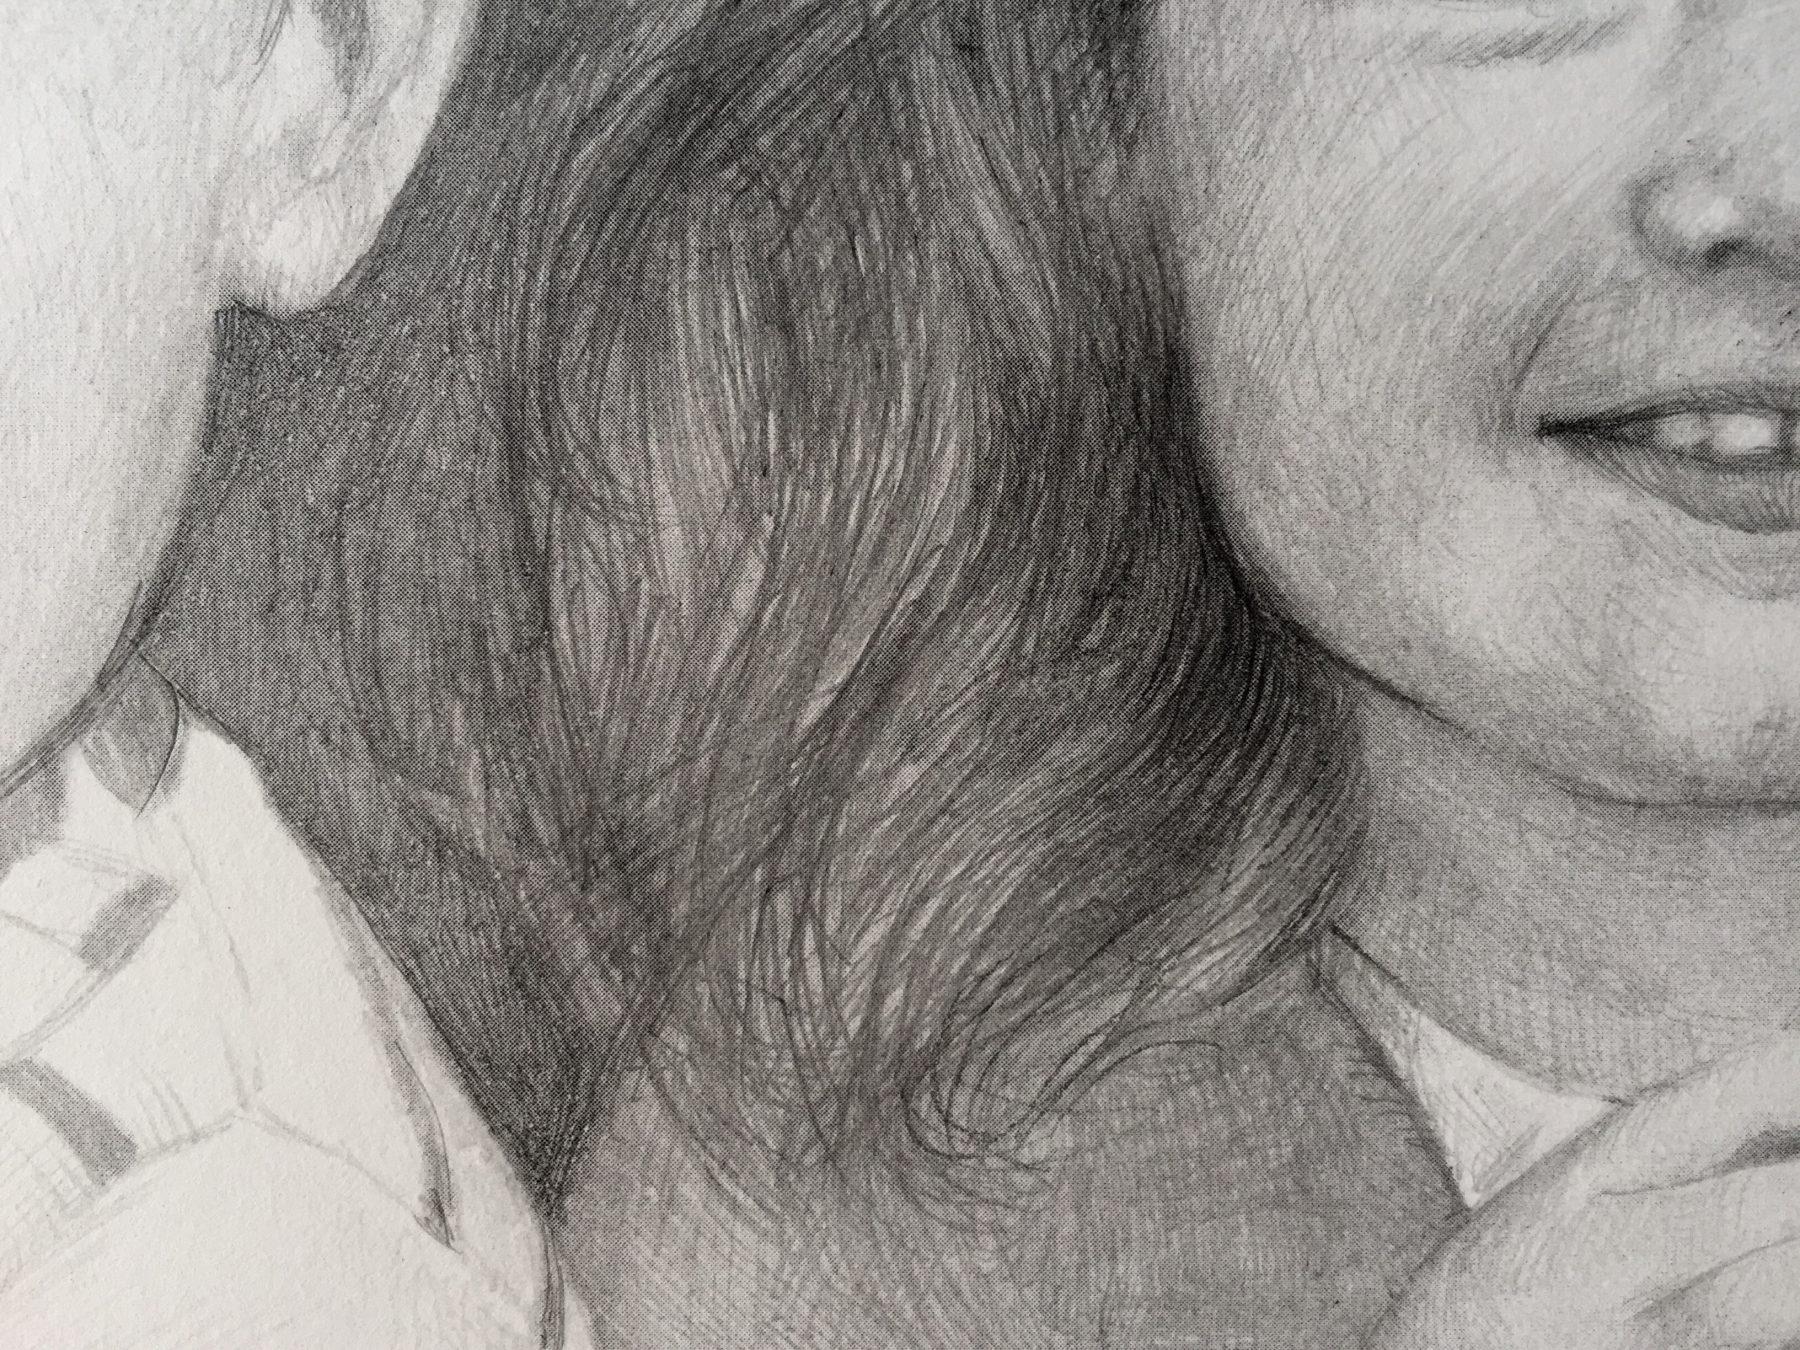 retratos-por-encargo-59-detalle-e1488877153217